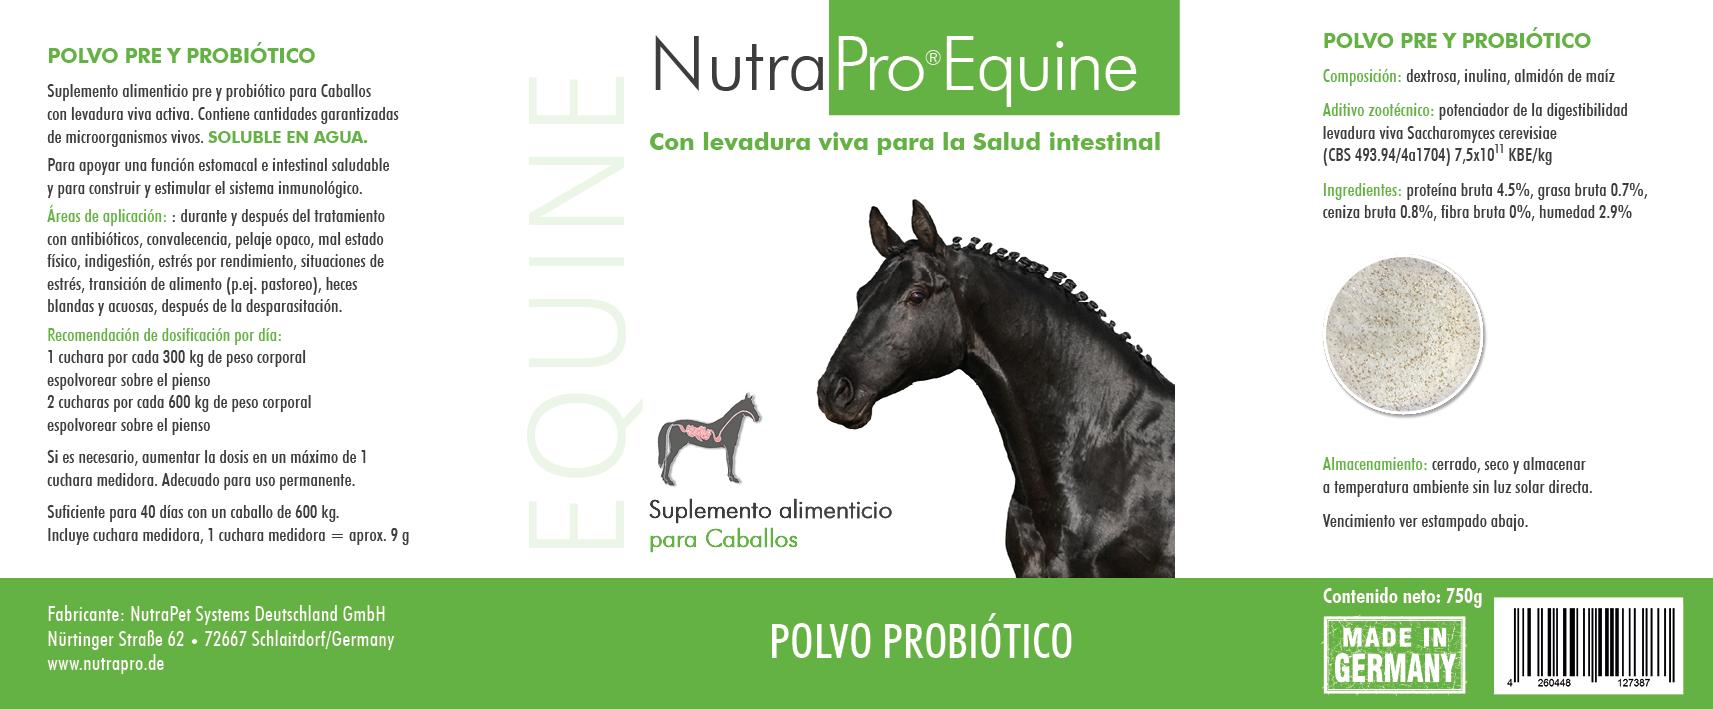 NutraPro@ PRODUKTNAME